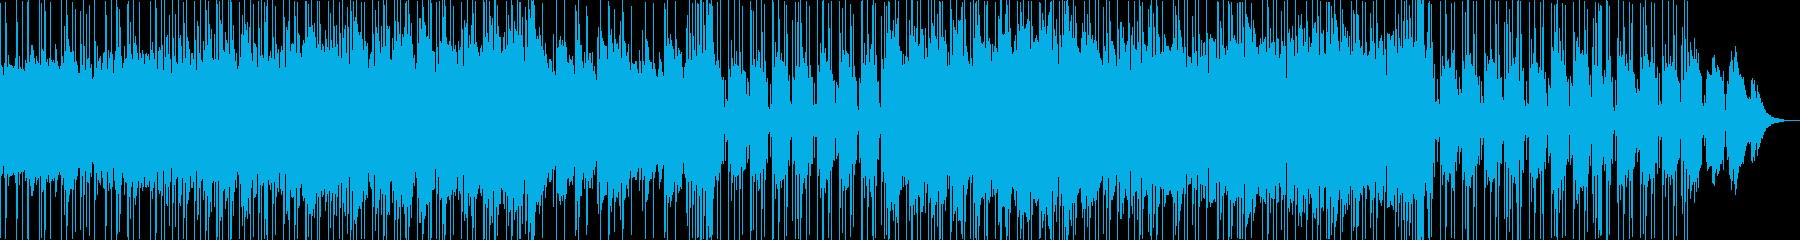 ヘヴィロック サスペンス 説明的 ...の再生済みの波形